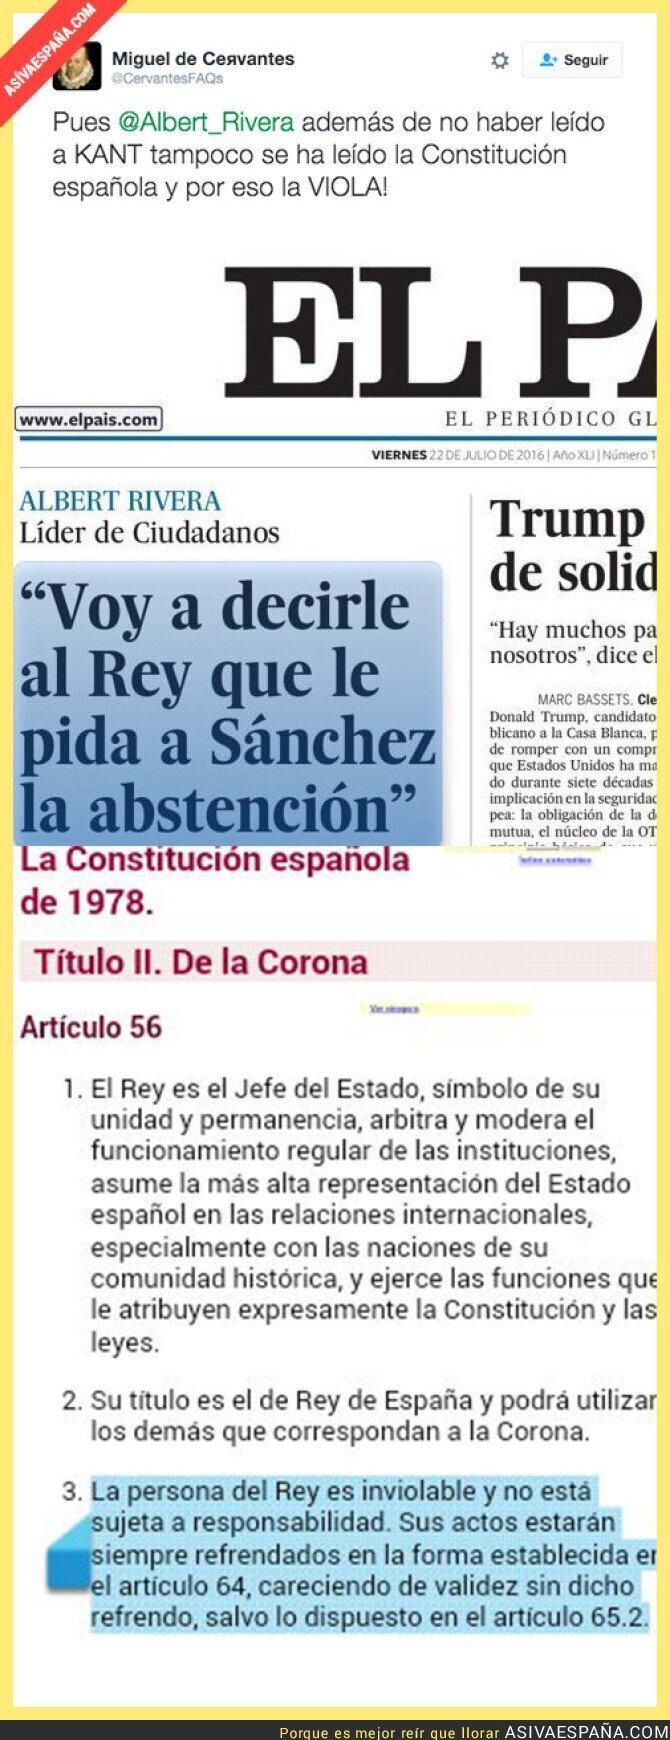 49603 - Albert Rivera violando la Constitución Española